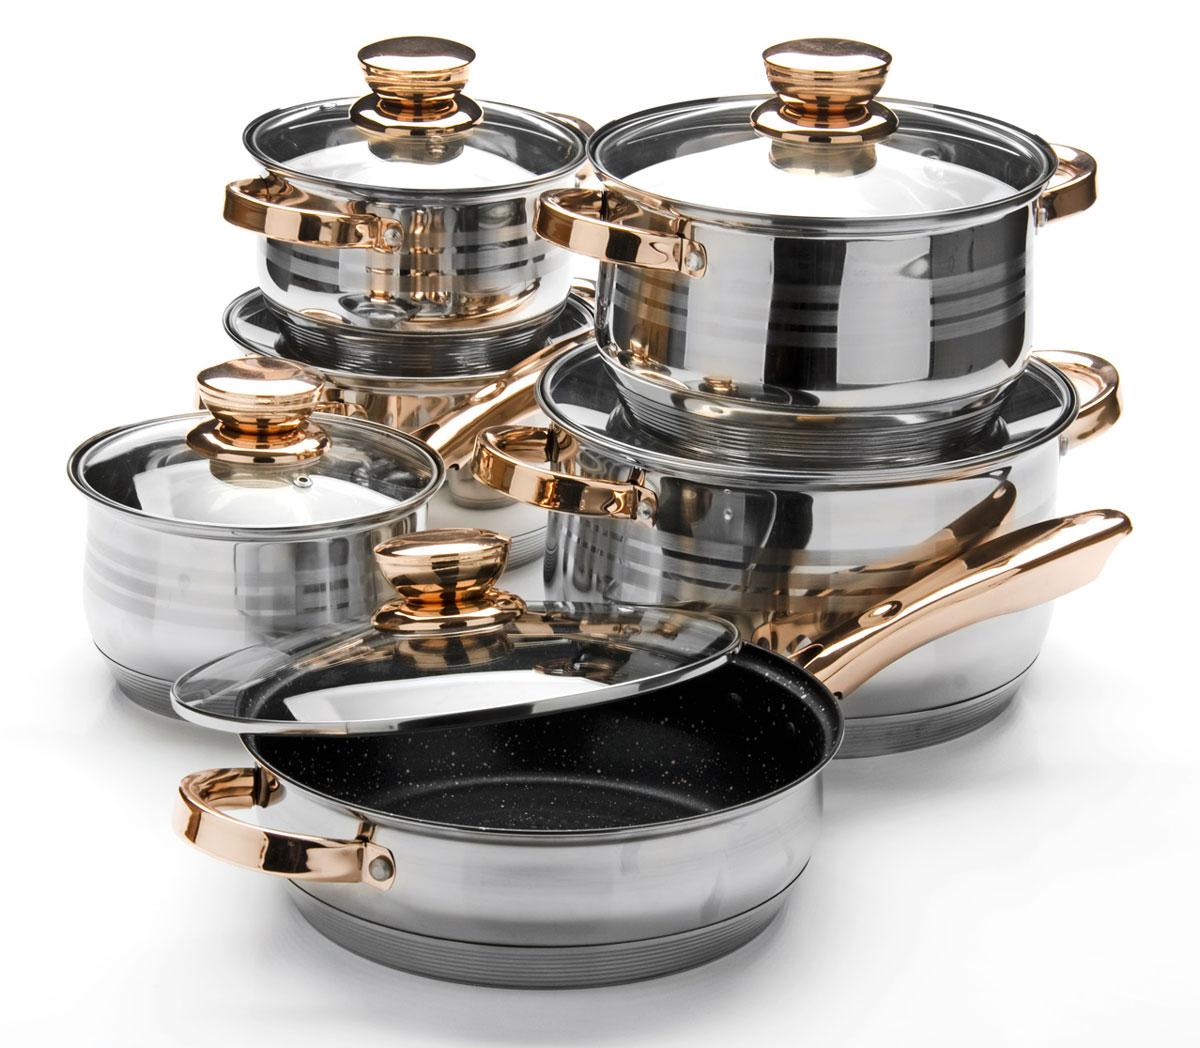 Набор посуды Mayer & Boch, 12 предметов. 2603426034Набор посуды Mayer & Boch изготовлен из высококачественной нержавеющей стали с толщиной стенок 4 мм и усиленным индукционным дном. Этот набор кастрюль предназначен для здорового и экологичного приготовления пищи, качественная сталь обеспечит быстрый нагрев продуктов и надолго сохранит тепло. Сковорода имеет внутреннее антипригарное покрытие (мраморная крошка). Изделия снабжены крышками из термостойкого стекла с паровыпуском и металлическим ободом, а также удобными не нагревающимися стальными ручками цвета розового золота. Внешняя поверхность посуды гладкая с зеркальной полировкой и гравировкой в форме колец. Изделия легко и просто моются. В комплекте 12 предметов: 4 кастрюли с крышками, 1 сотейник с крышкой, 1 сковорода с крышкой.Сотейник: (2,1 л) D16 х 10,5 см. Кастрюля: (2,1 л) D16 х 10,5 см. Кастрюля: (2,9 л) D18 х 11,5 см. Кастрюля: (3,9 л) D20 х 12,5 см. Кастрюля: (6,6 л) D24 х 14,5 см. Сковорода: (3,4 л) D24 х 7,5 см. Подходит для использования на всех типах плит, включая индукционные. Подходит для мытья в посудомоечной машине.